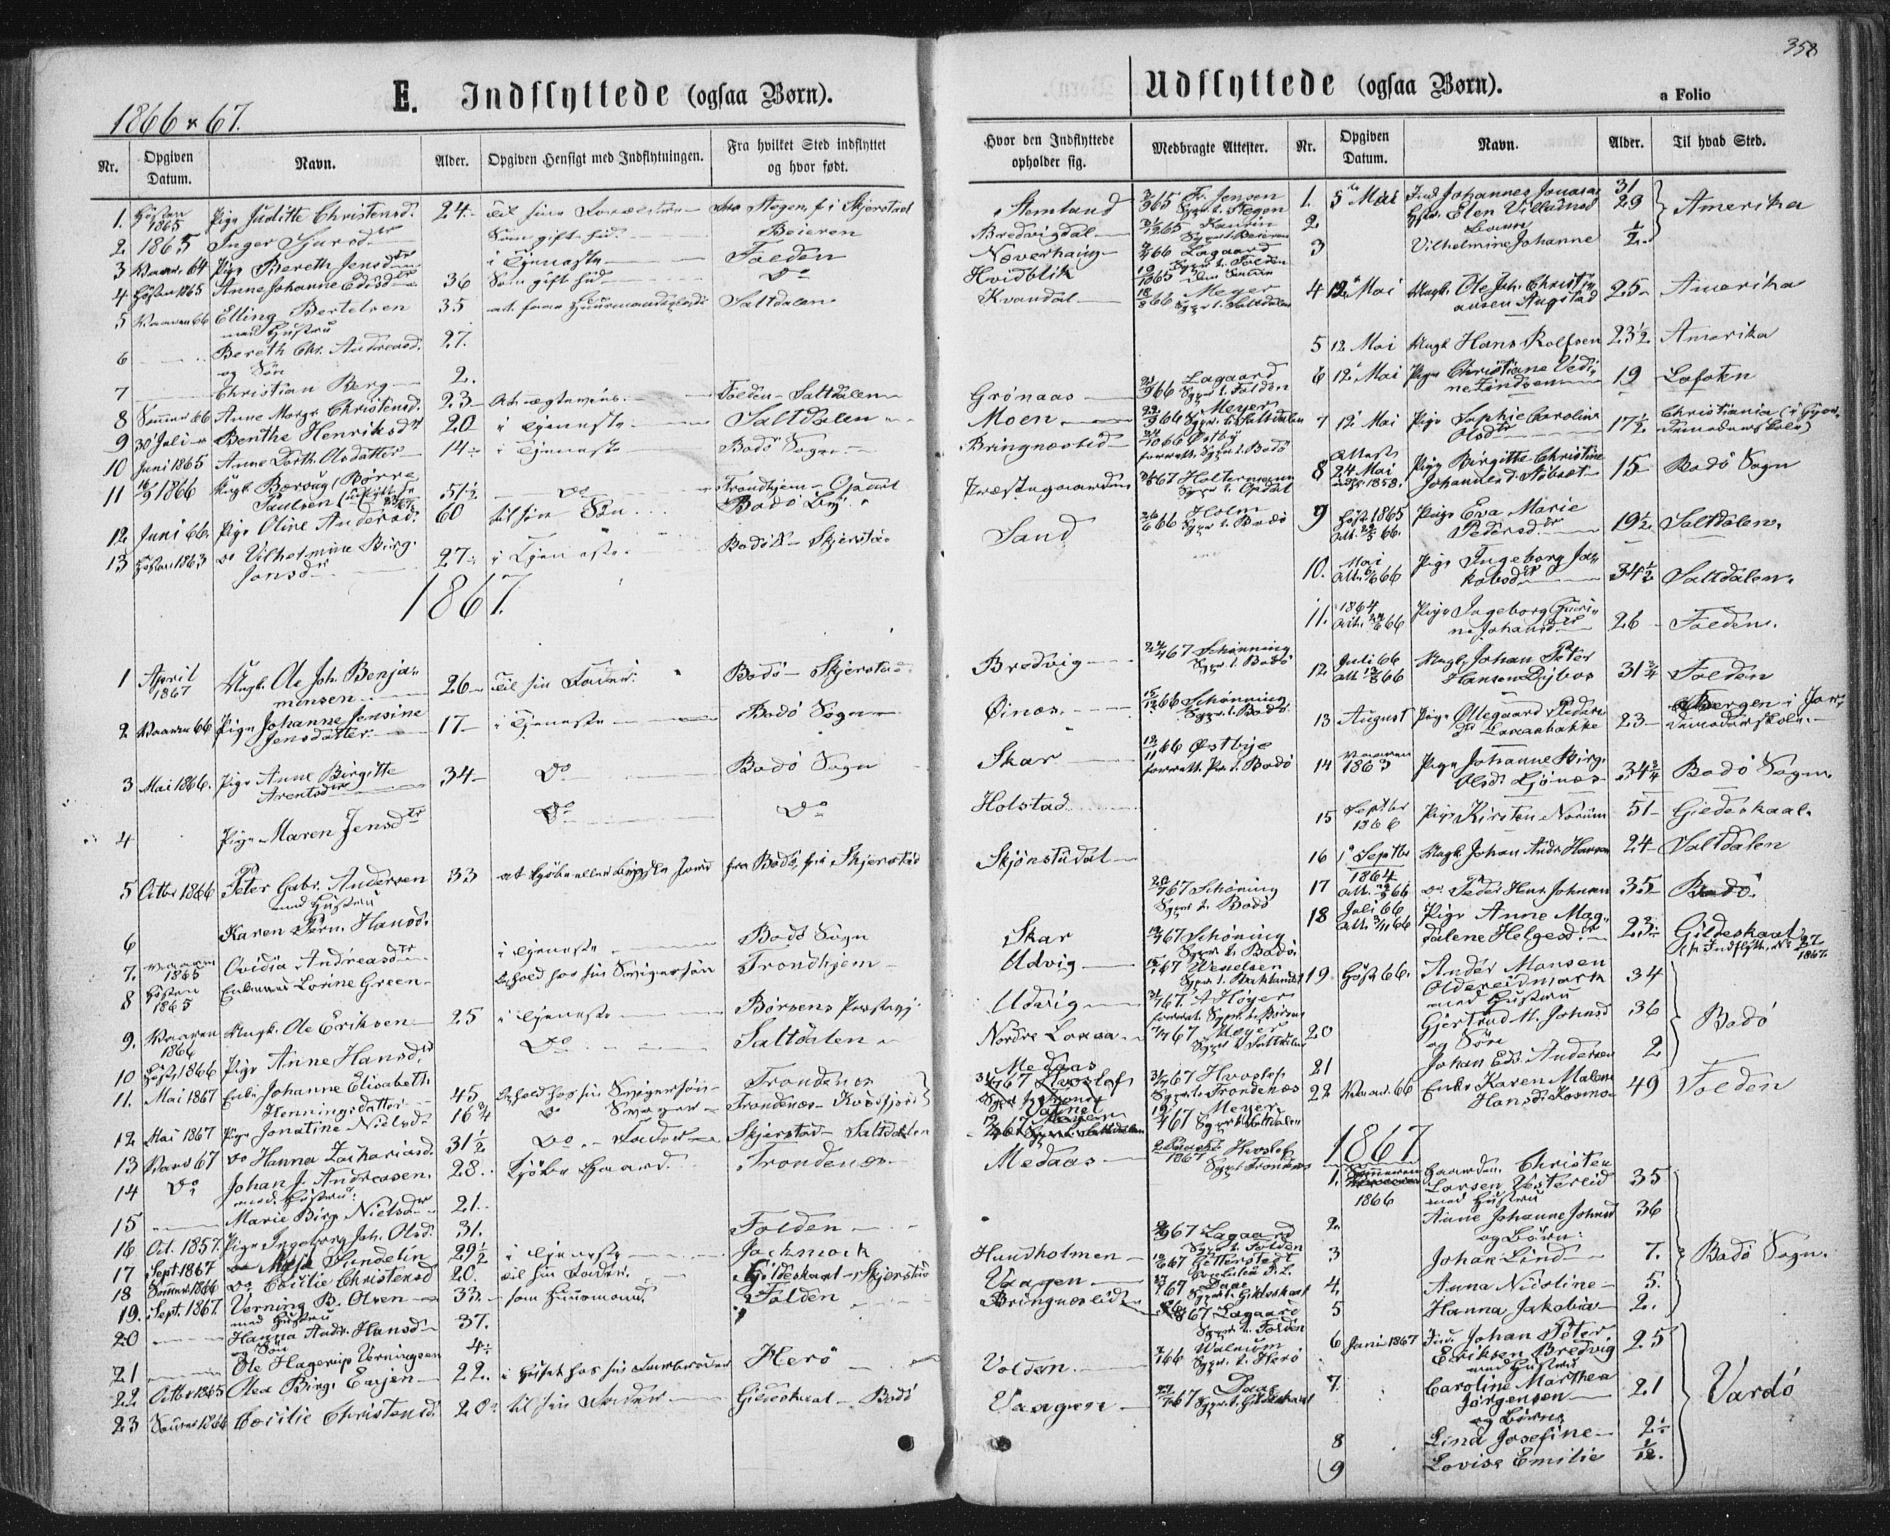 SAT, Ministerialprotokoller, klokkerbøker og fødselsregistre - Nordland, 852/L0739: Parish register (official) no. 852A09, 1866-1877, p. 358